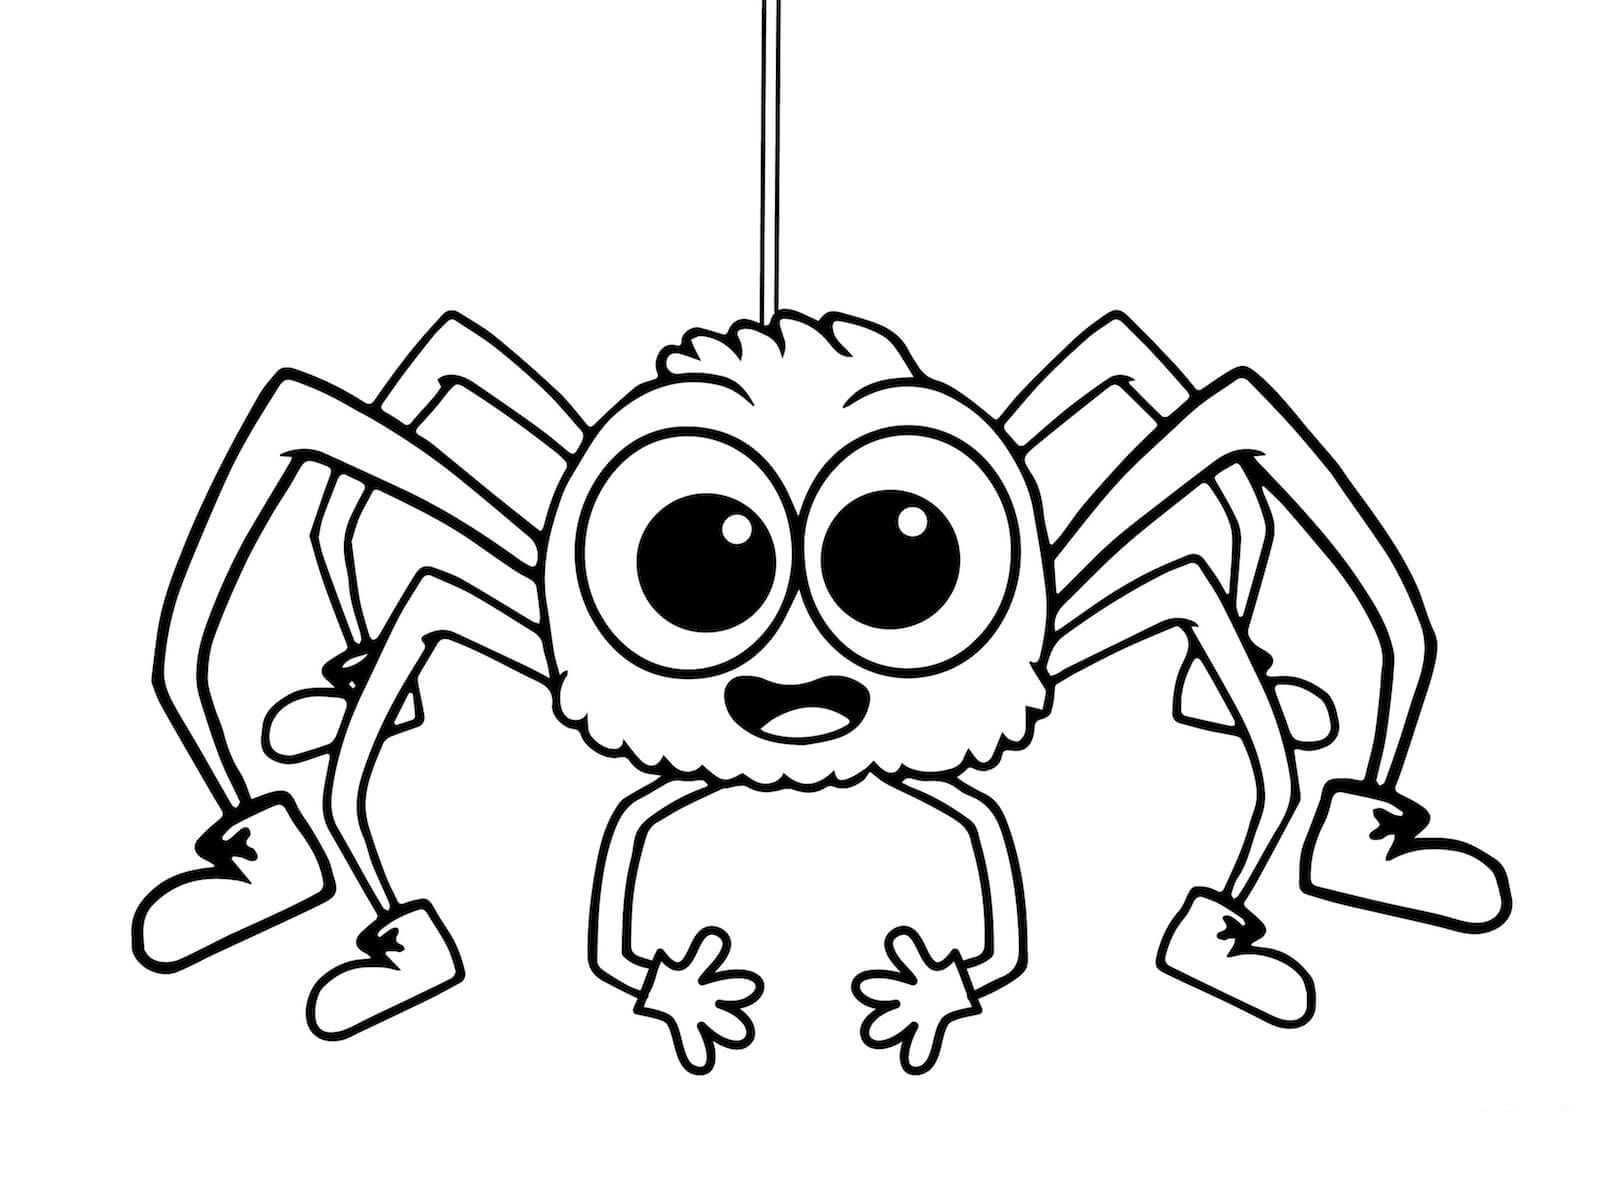 Pin Van Loly Anrujar Perez Op Herfst Spinnen Kleurplaten Fijne Halloween Spinnenwebben Herfst Knutselen